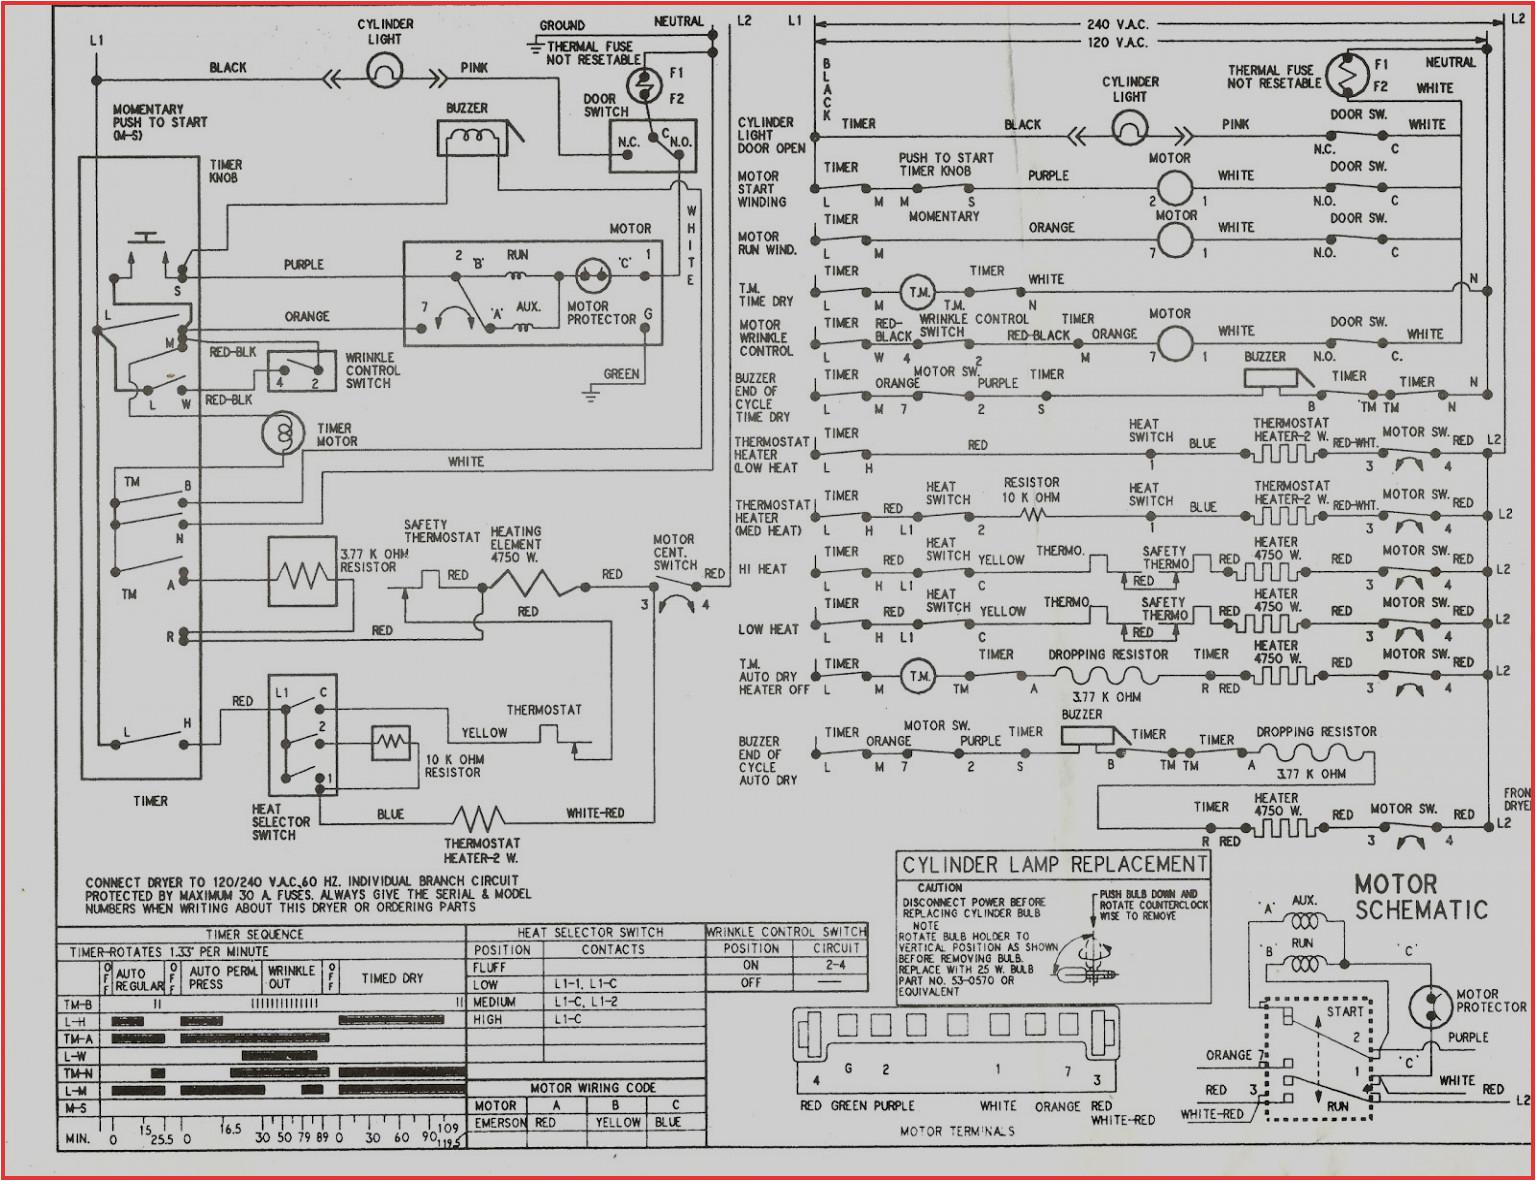 whirlpool dryer schematic wiring diagram kenmore series electric dryer wiring diagram schematic